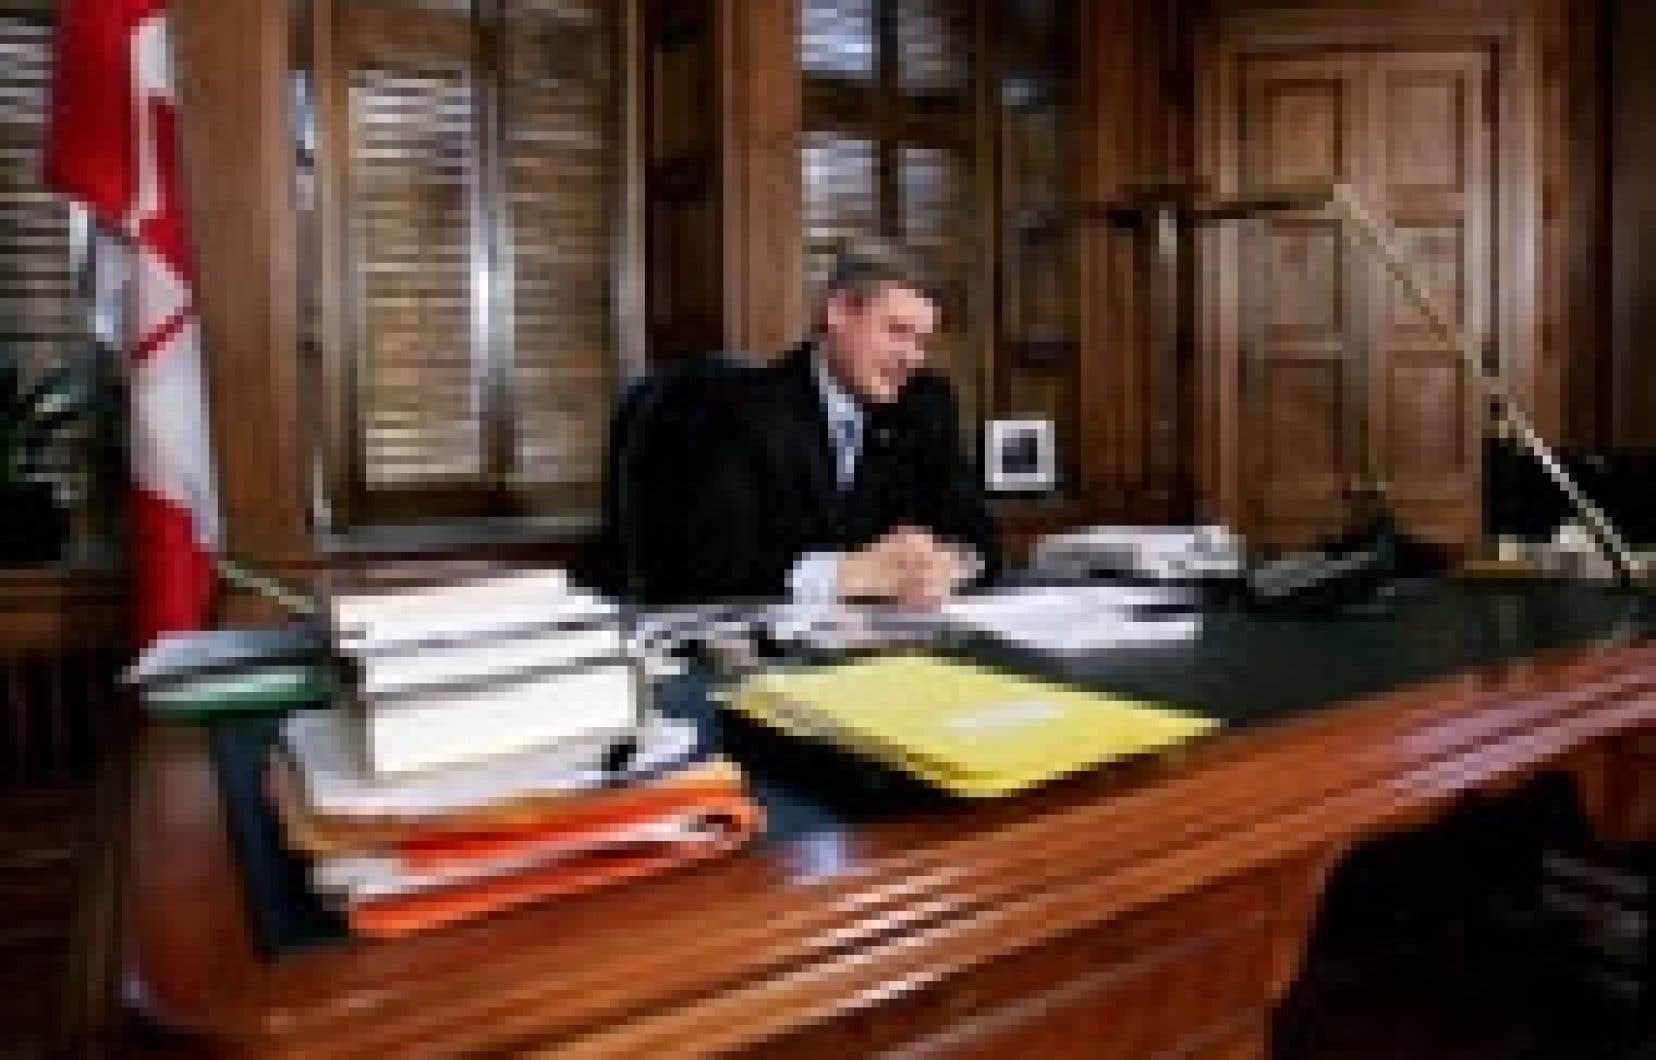 Stephen Harper s'est laissé photographier dans son nouveau bureau de premier ministre. Mais il faudra attendre un peu pour voir la famille Harper dans sa nouvelle résidence du 24 Sussex puisque les nouveaux locataires de la résidence de fonction n